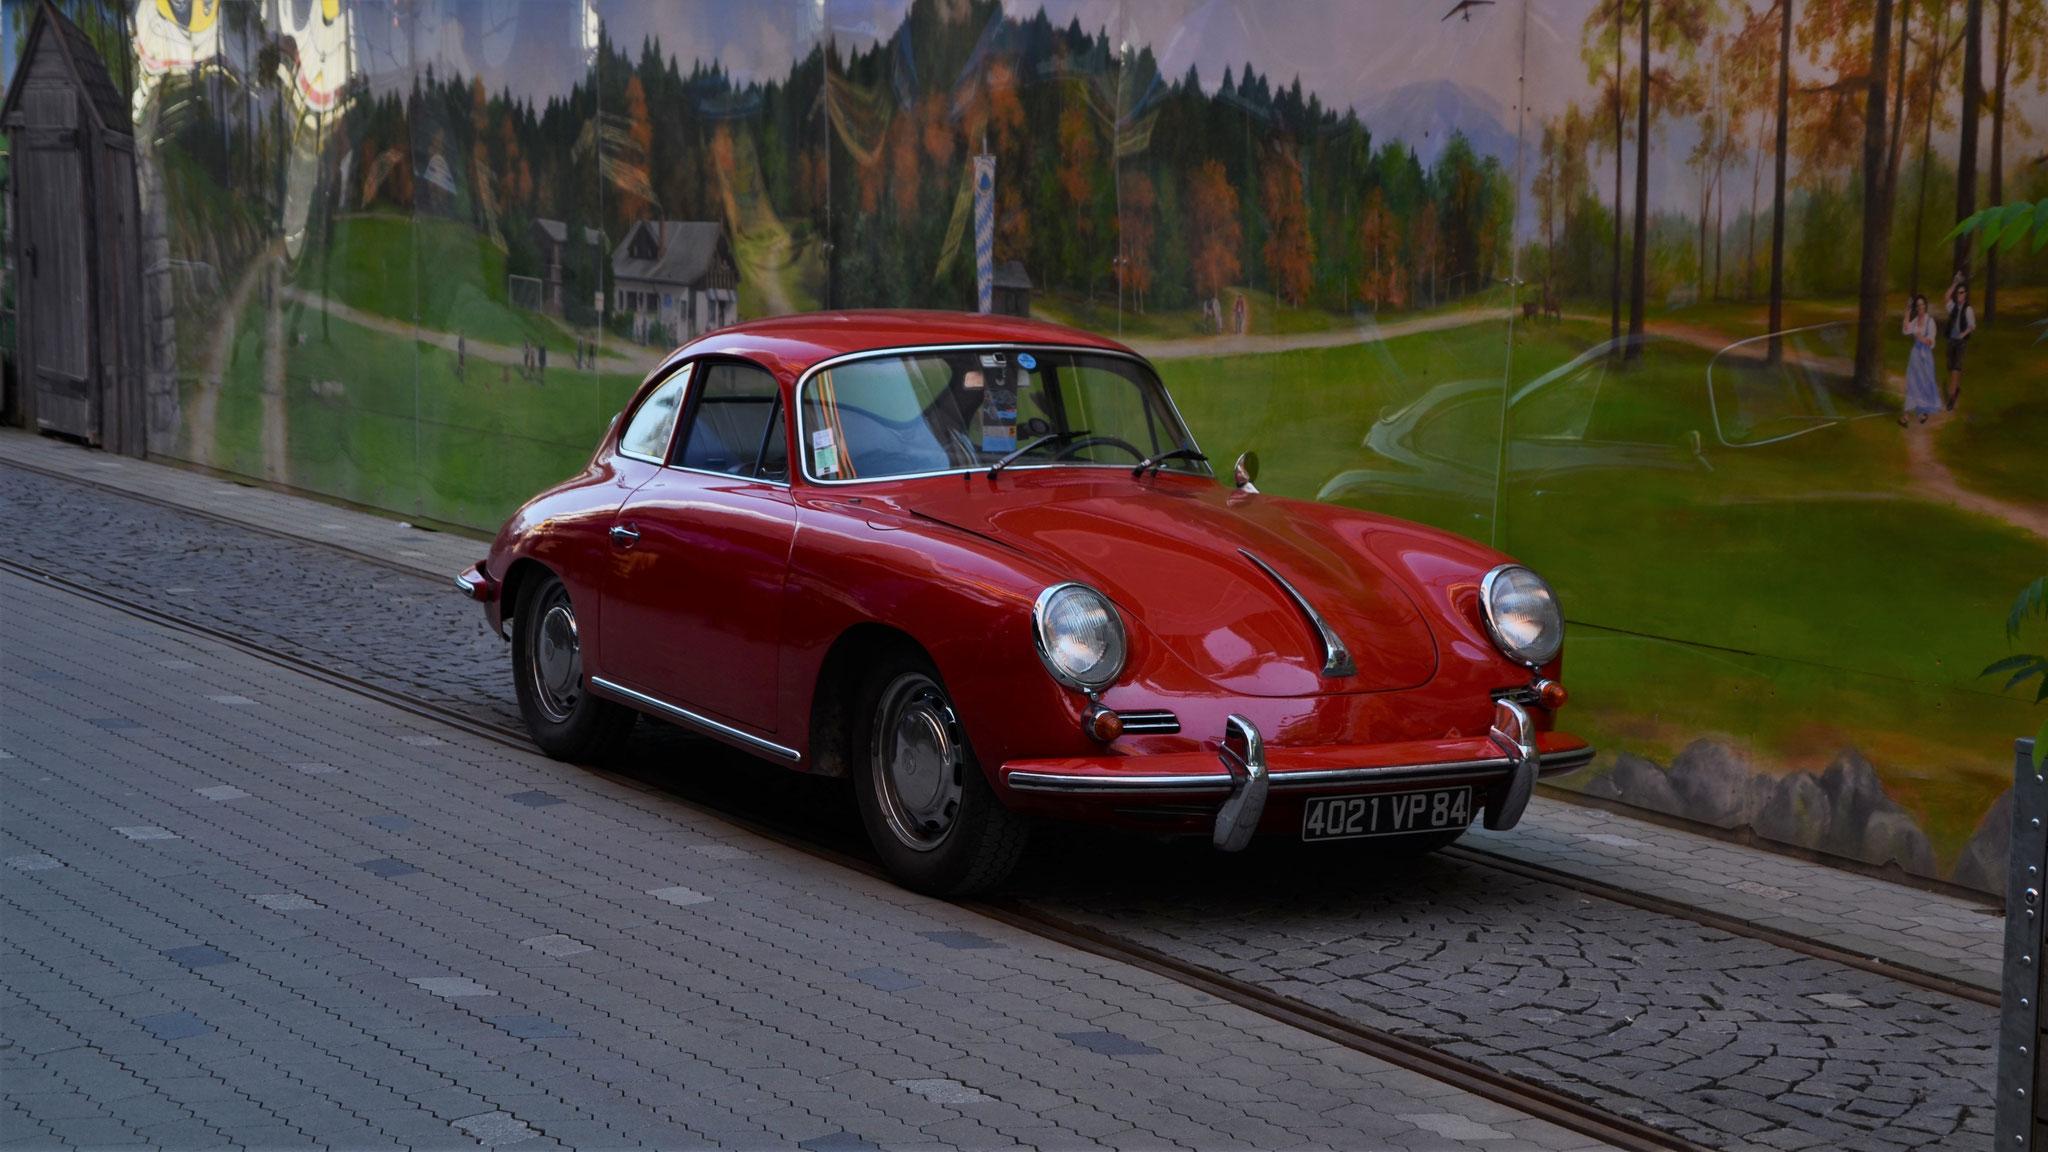 Porsche 356 1600 - 4021-VP-84 (FRA)